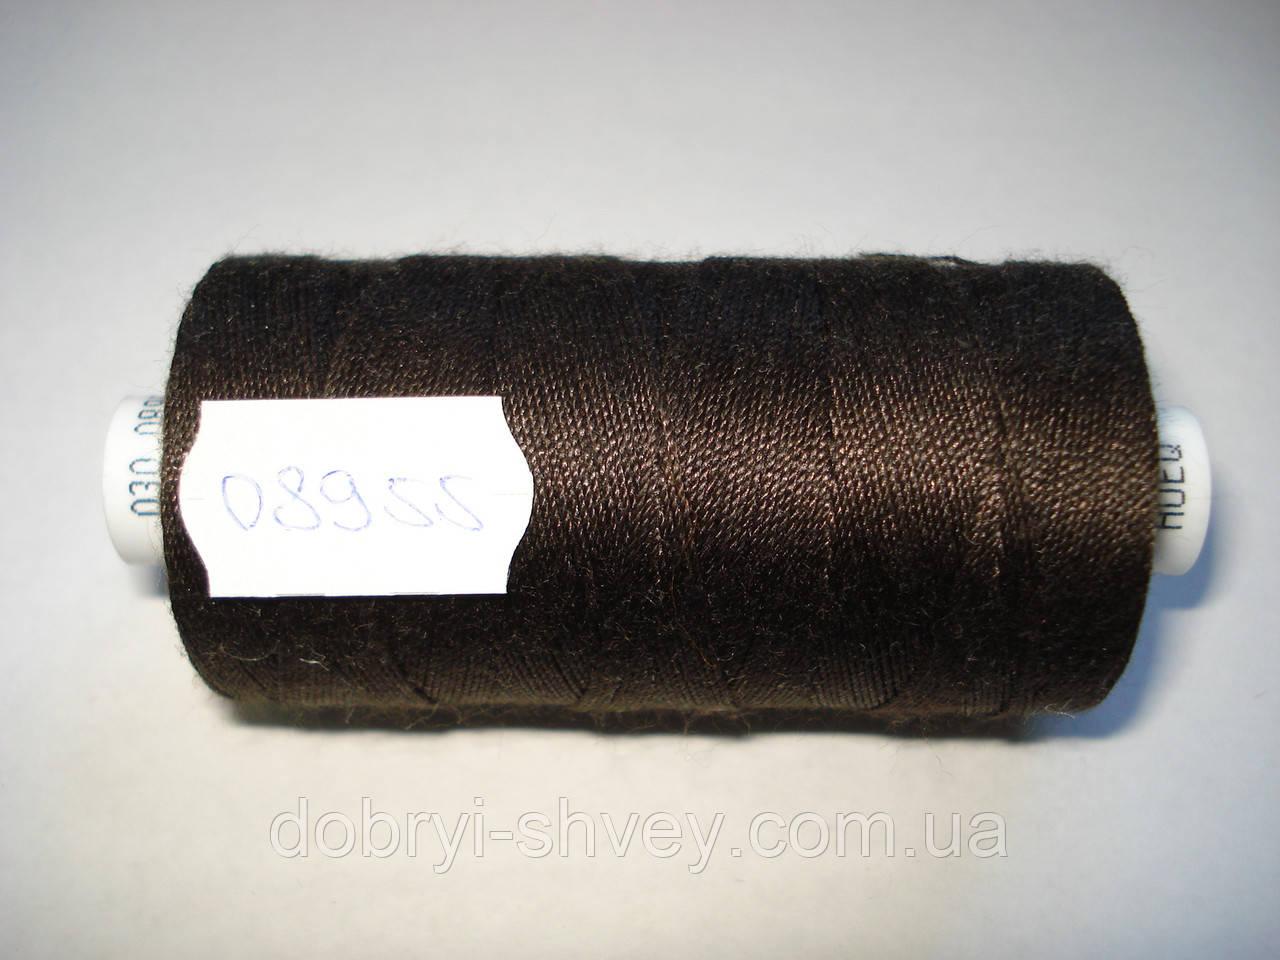 Нитка Coats EPIC №30 300м.col 08955 т.коричневый (шт.)